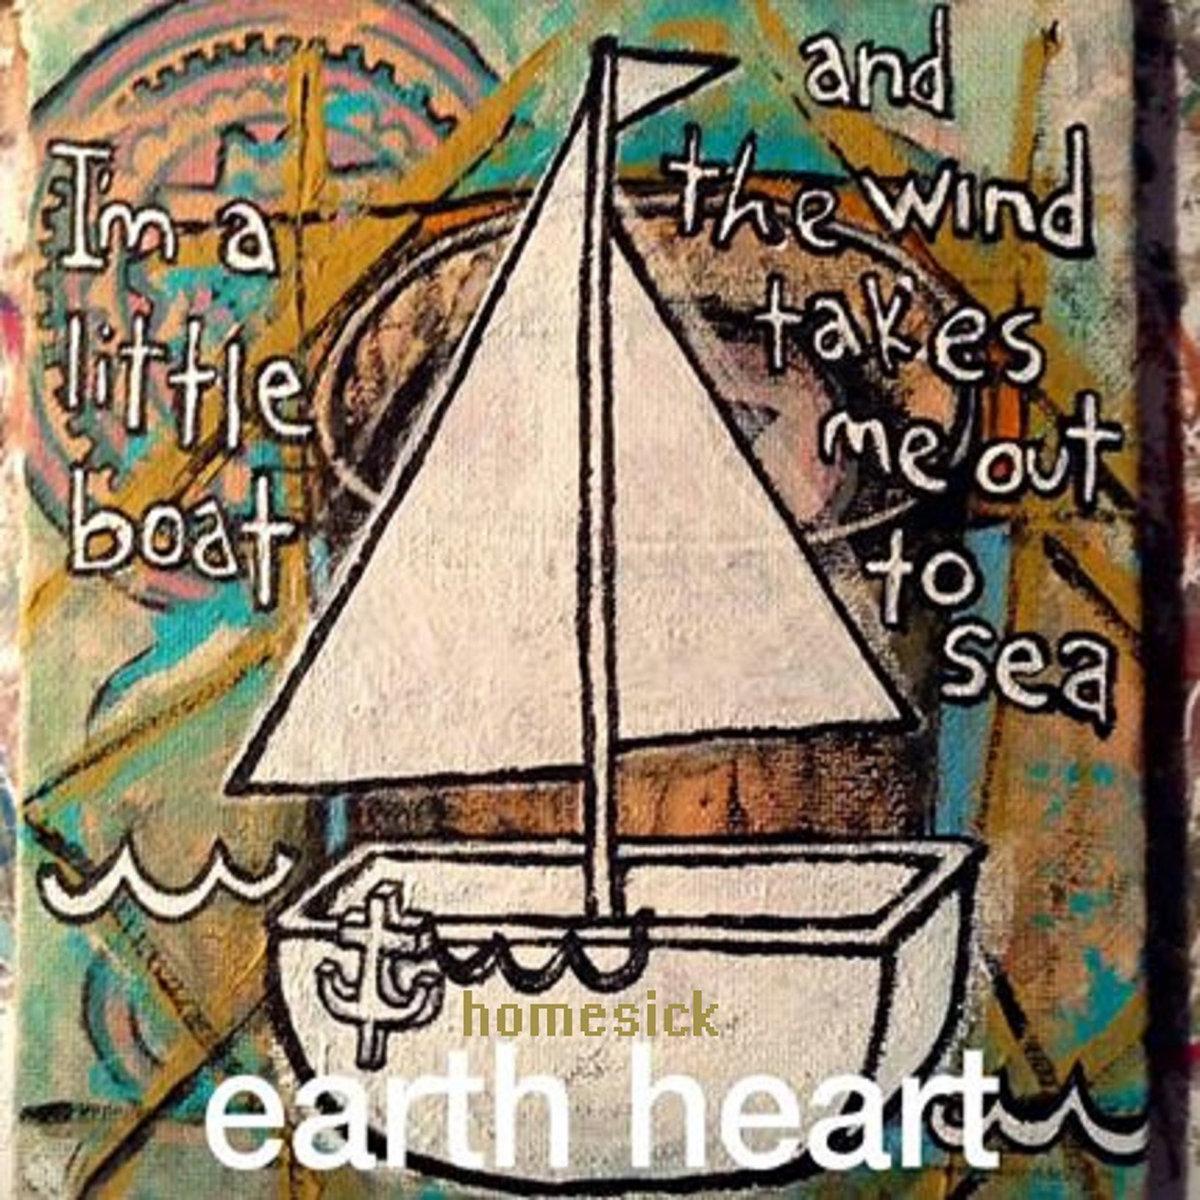 homesick single earth heart